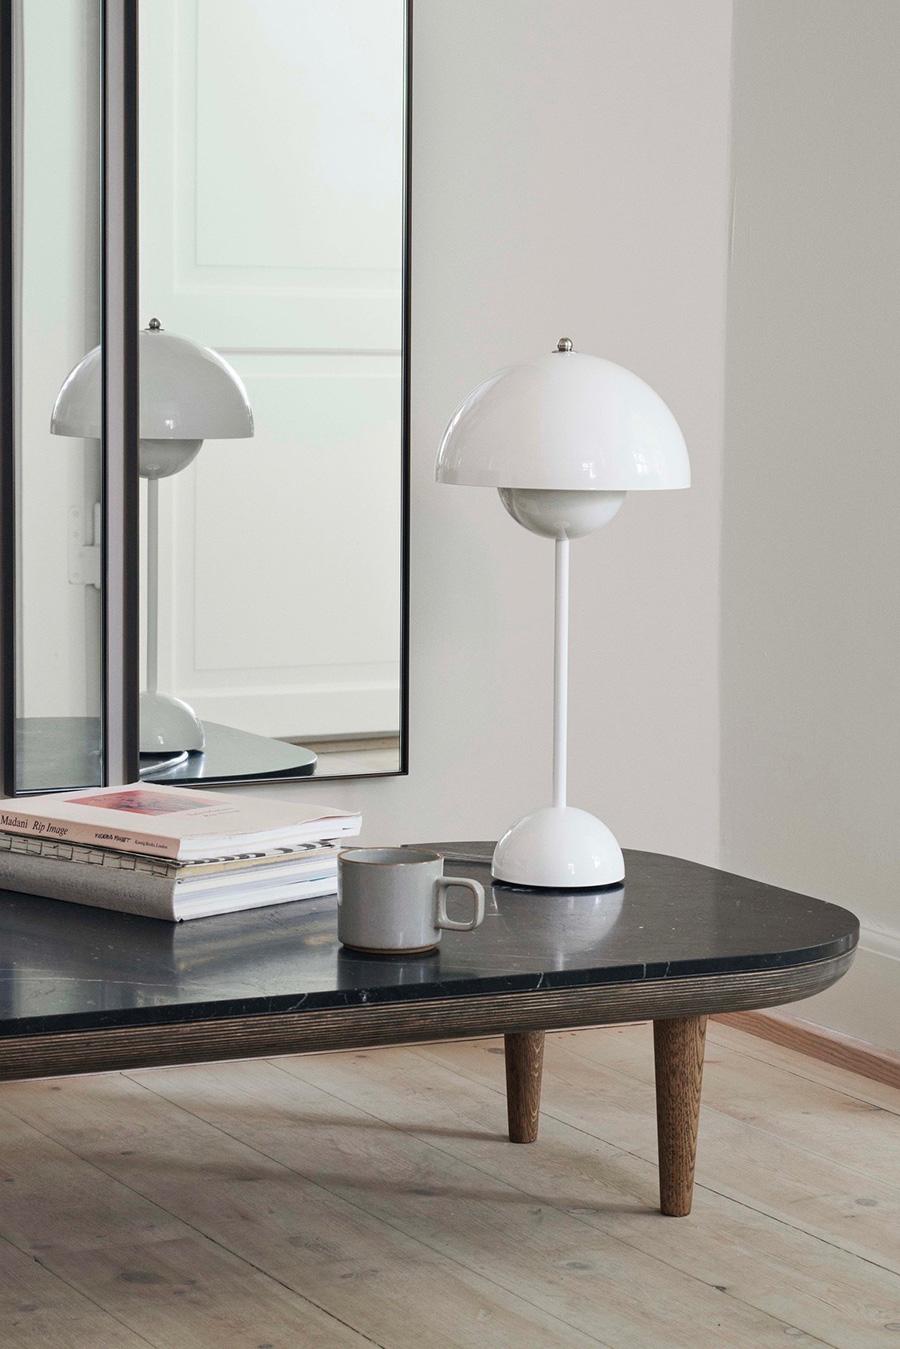 明かりを灯さなくても存在感のあるテーブルランプ。